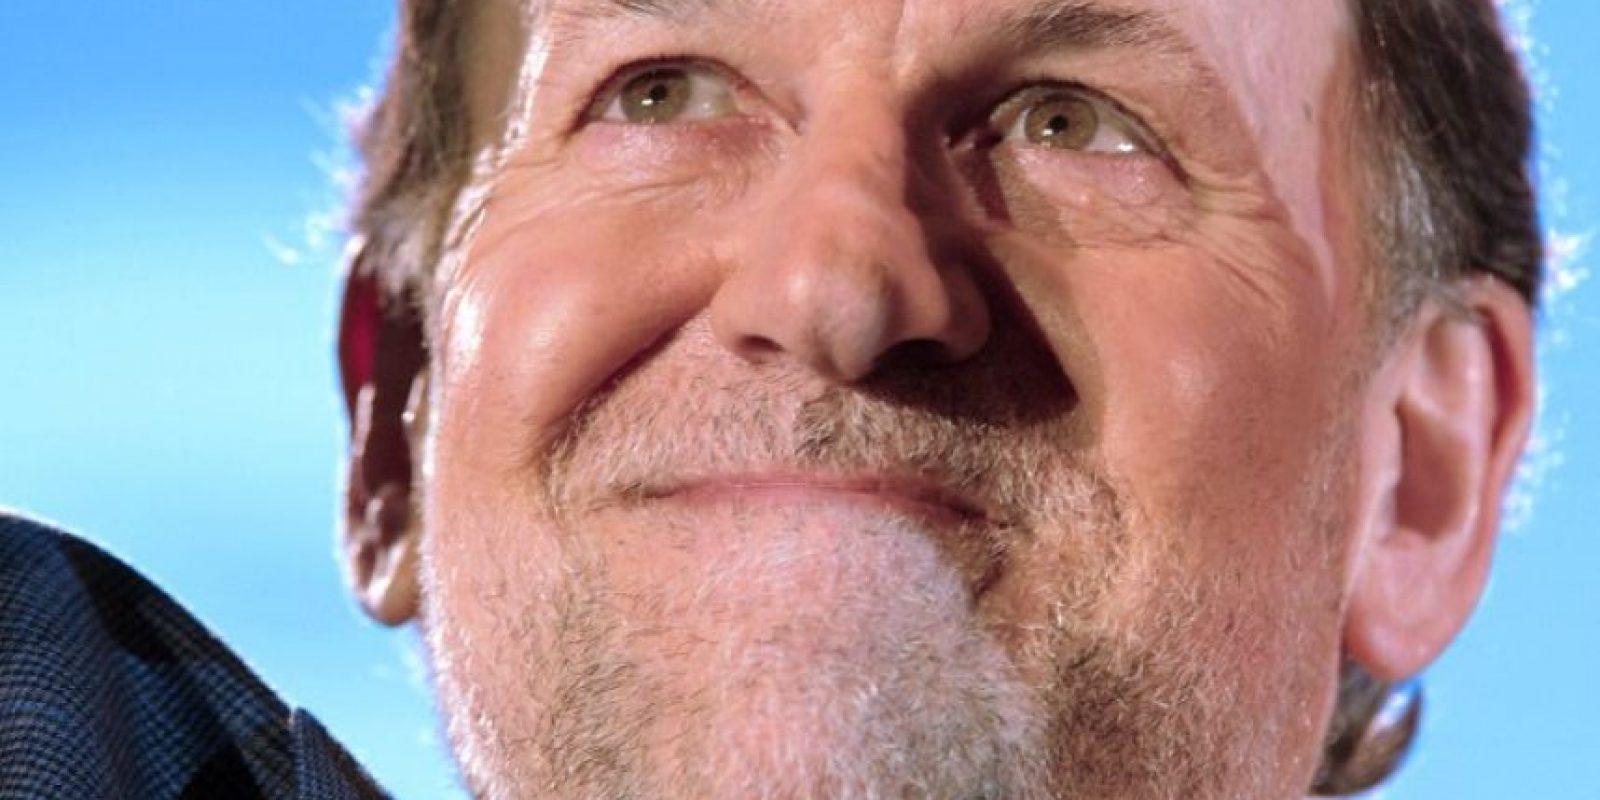 Mariano Rajoy, presidente actual y candidato a reelegirse, también llegó a la sede nacional de su partido, el PP. Foto:AFP